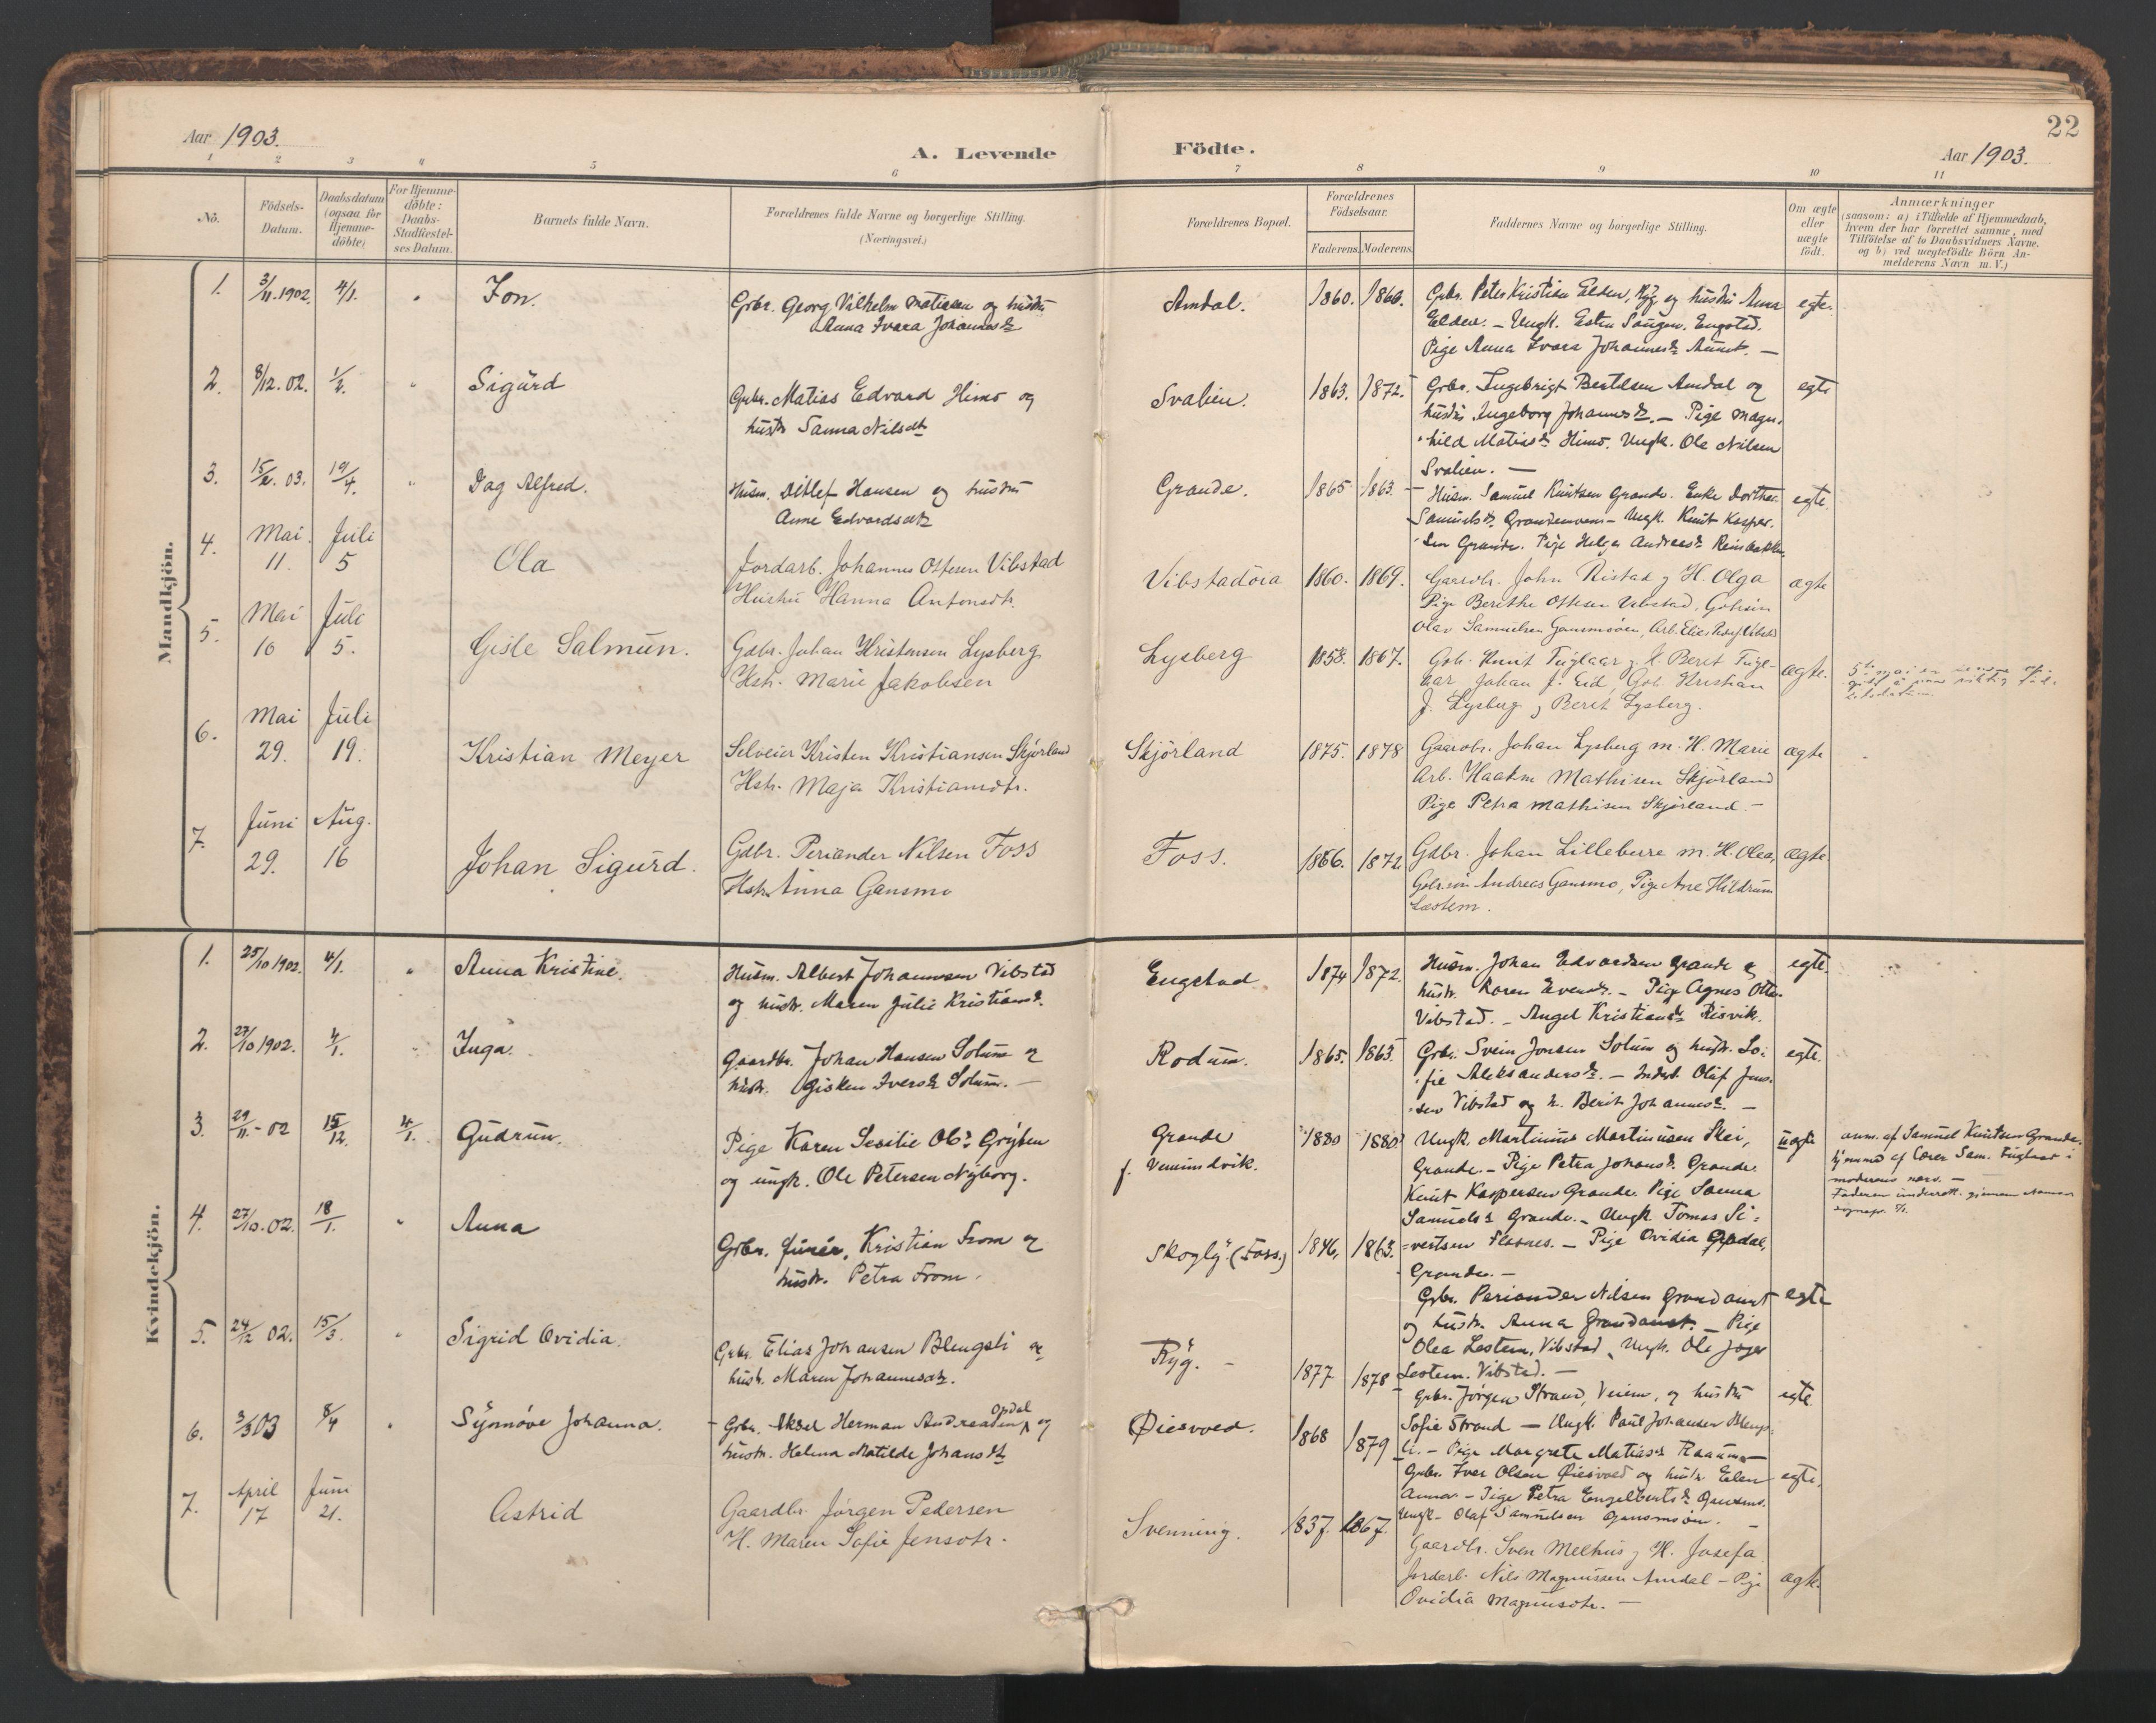 SAT, Ministerialprotokoller, klokkerbøker og fødselsregistre - Nord-Trøndelag, 764/L0556: Ministerialbok nr. 764A11, 1897-1924, s. 22